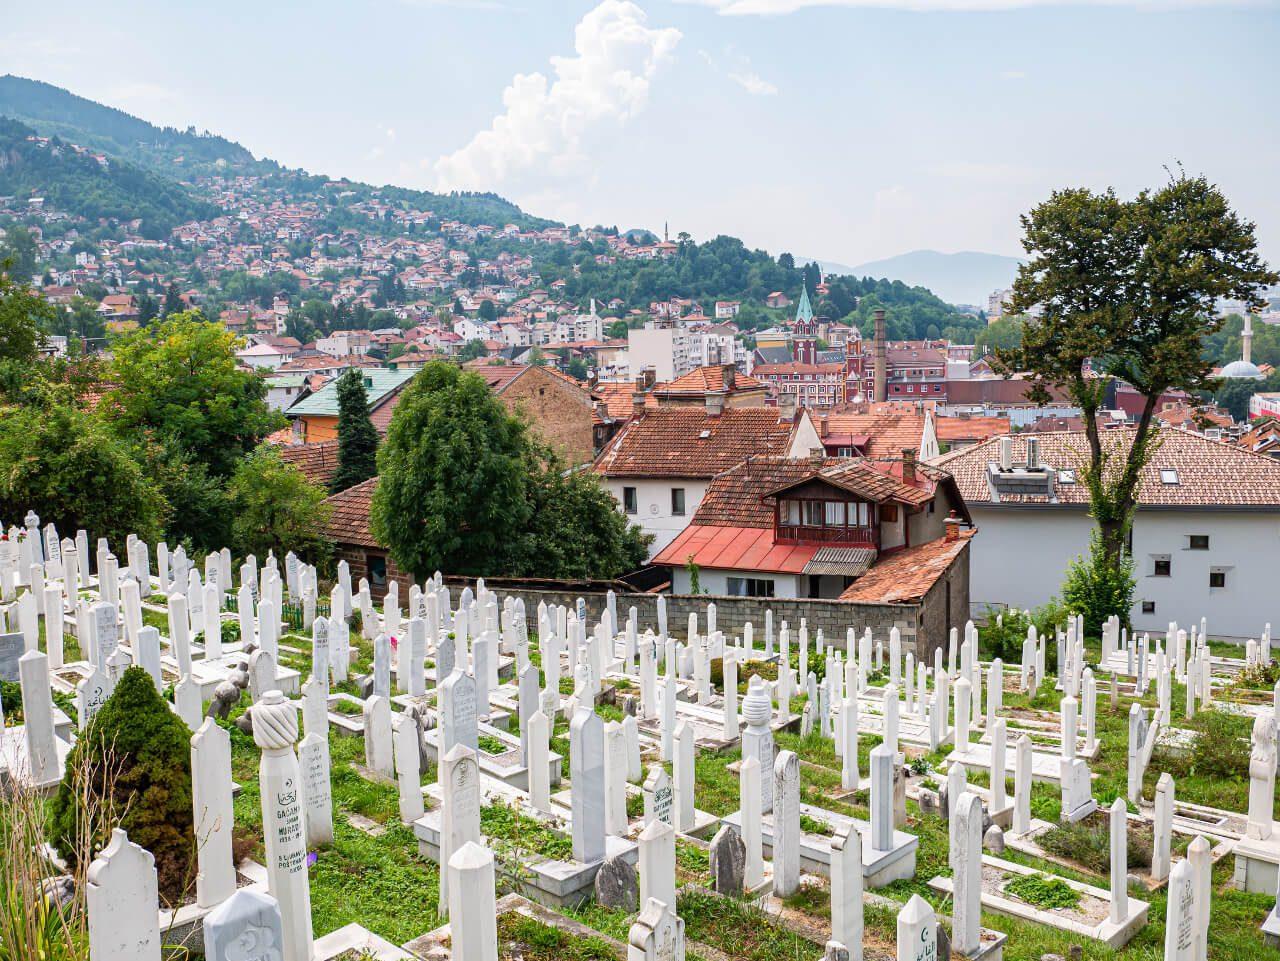 Widok na Sarajewo z cmentarza Alifakovac